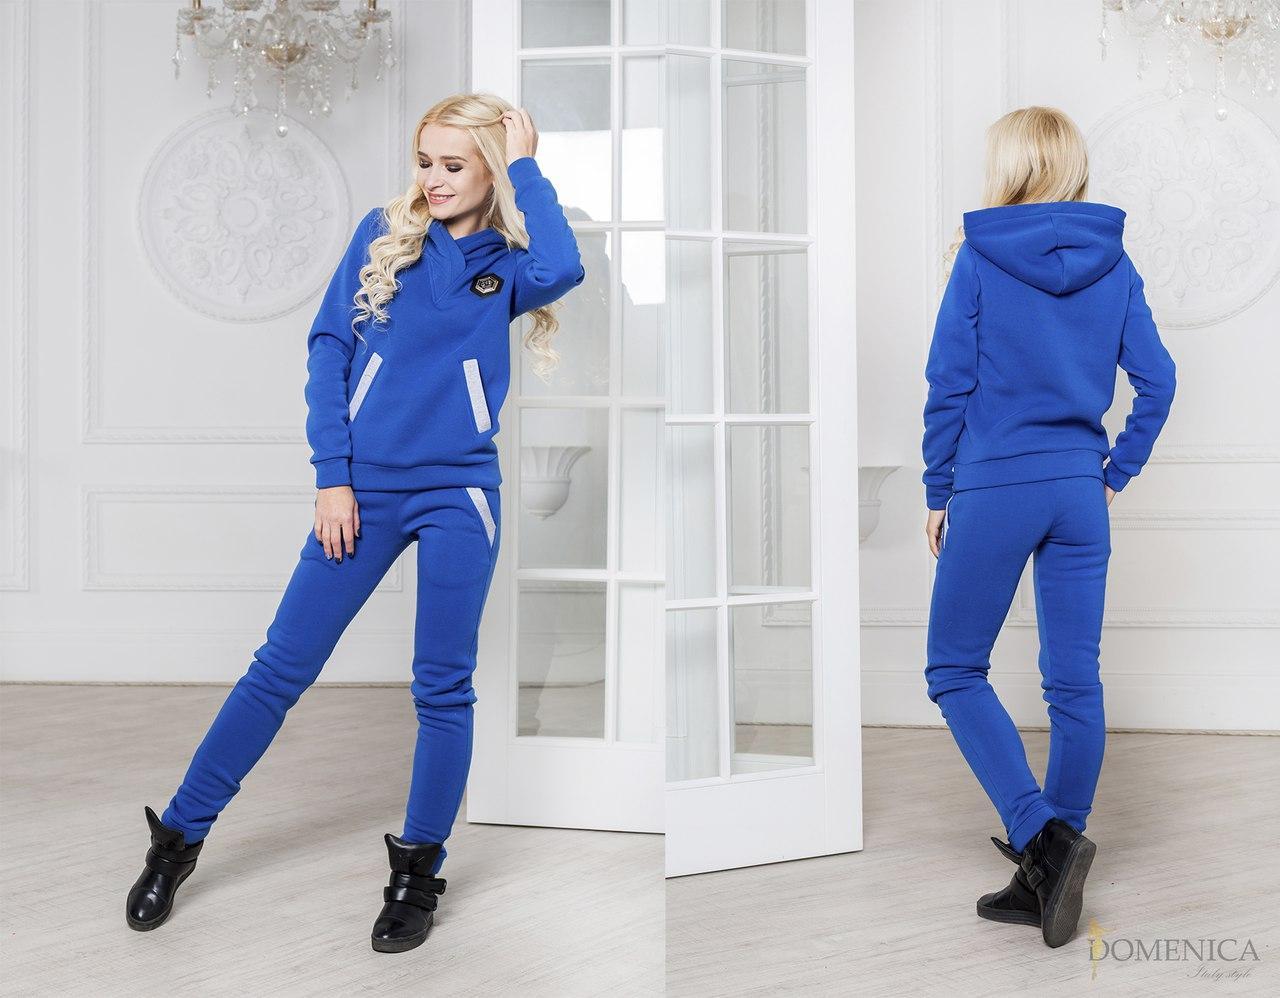 22b6314a189 Женский теплый спортивный костюм из трехнитки на флисе 3105150 -  Интернет-магазин одежды